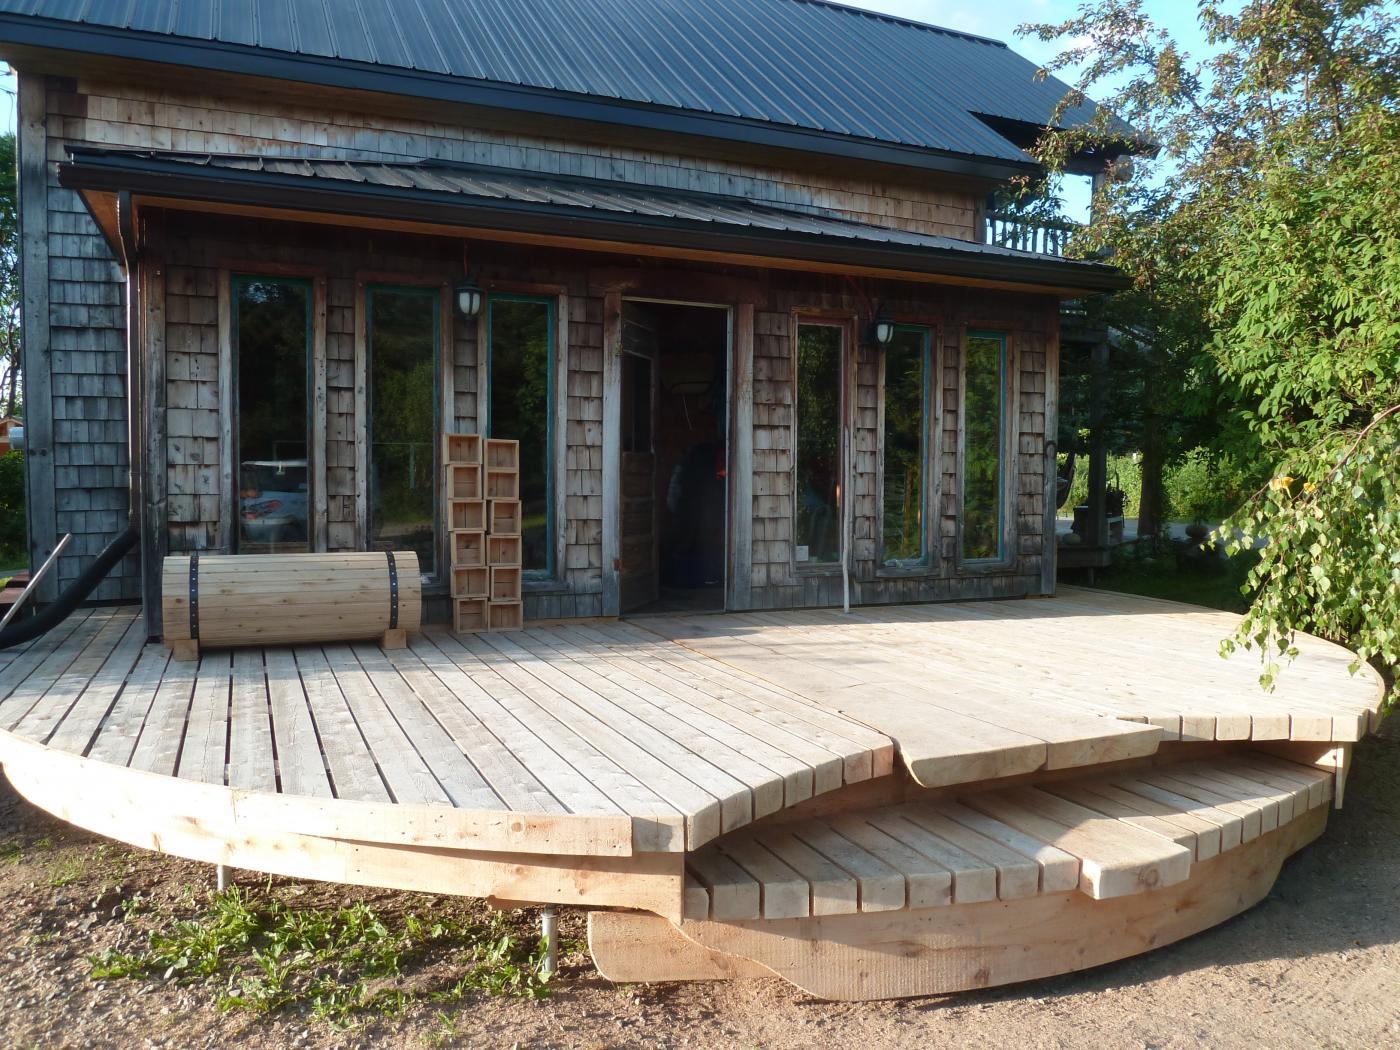 Patio Le petit moulin du 4 milles - Artisans du cèdre - Cédrières - Saunas - Les barils - Cantons de l'Est - Estrie